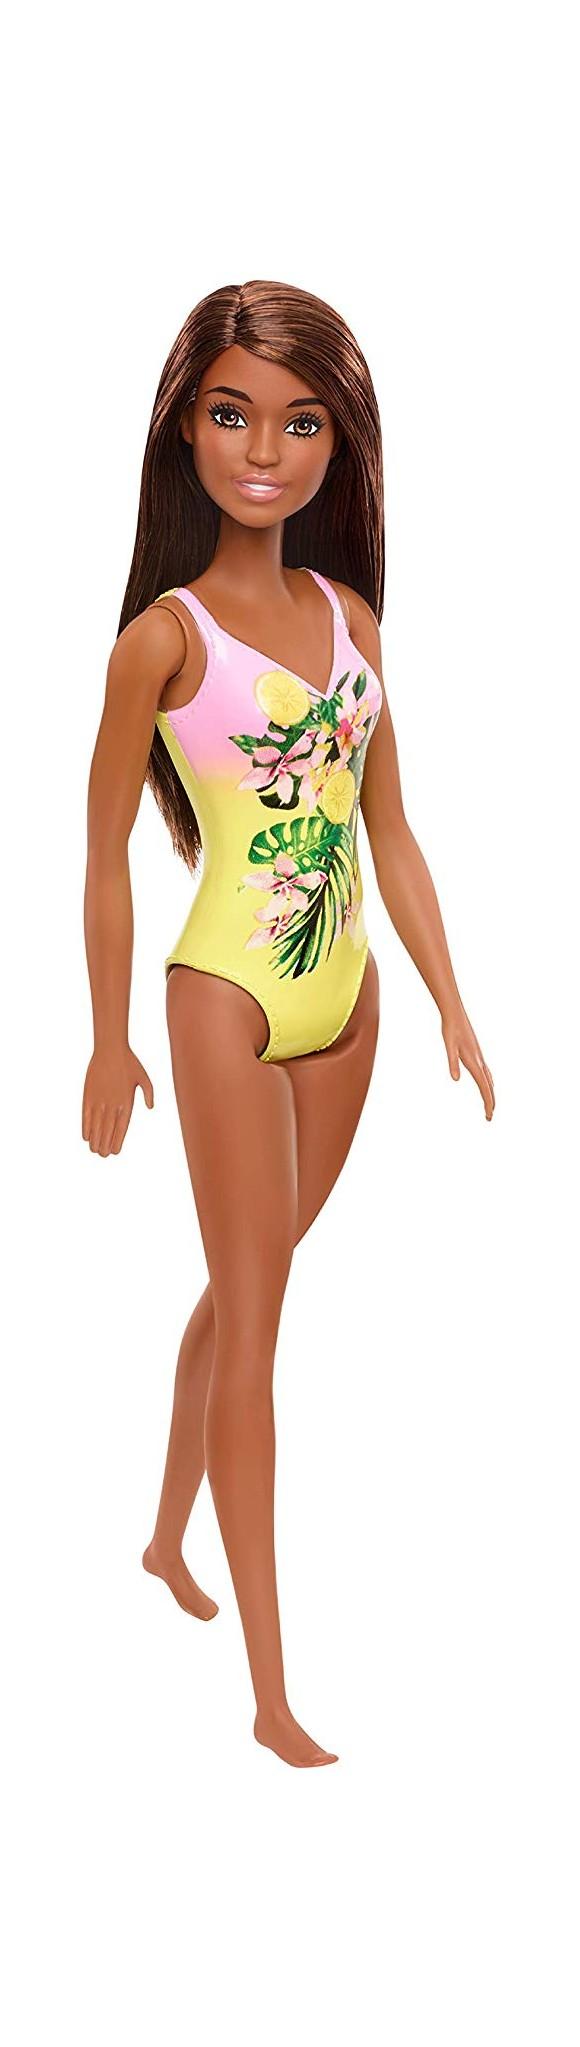 Barbie - Beach Doll - Mørk Håret m. Gule Blomster (GHW39)